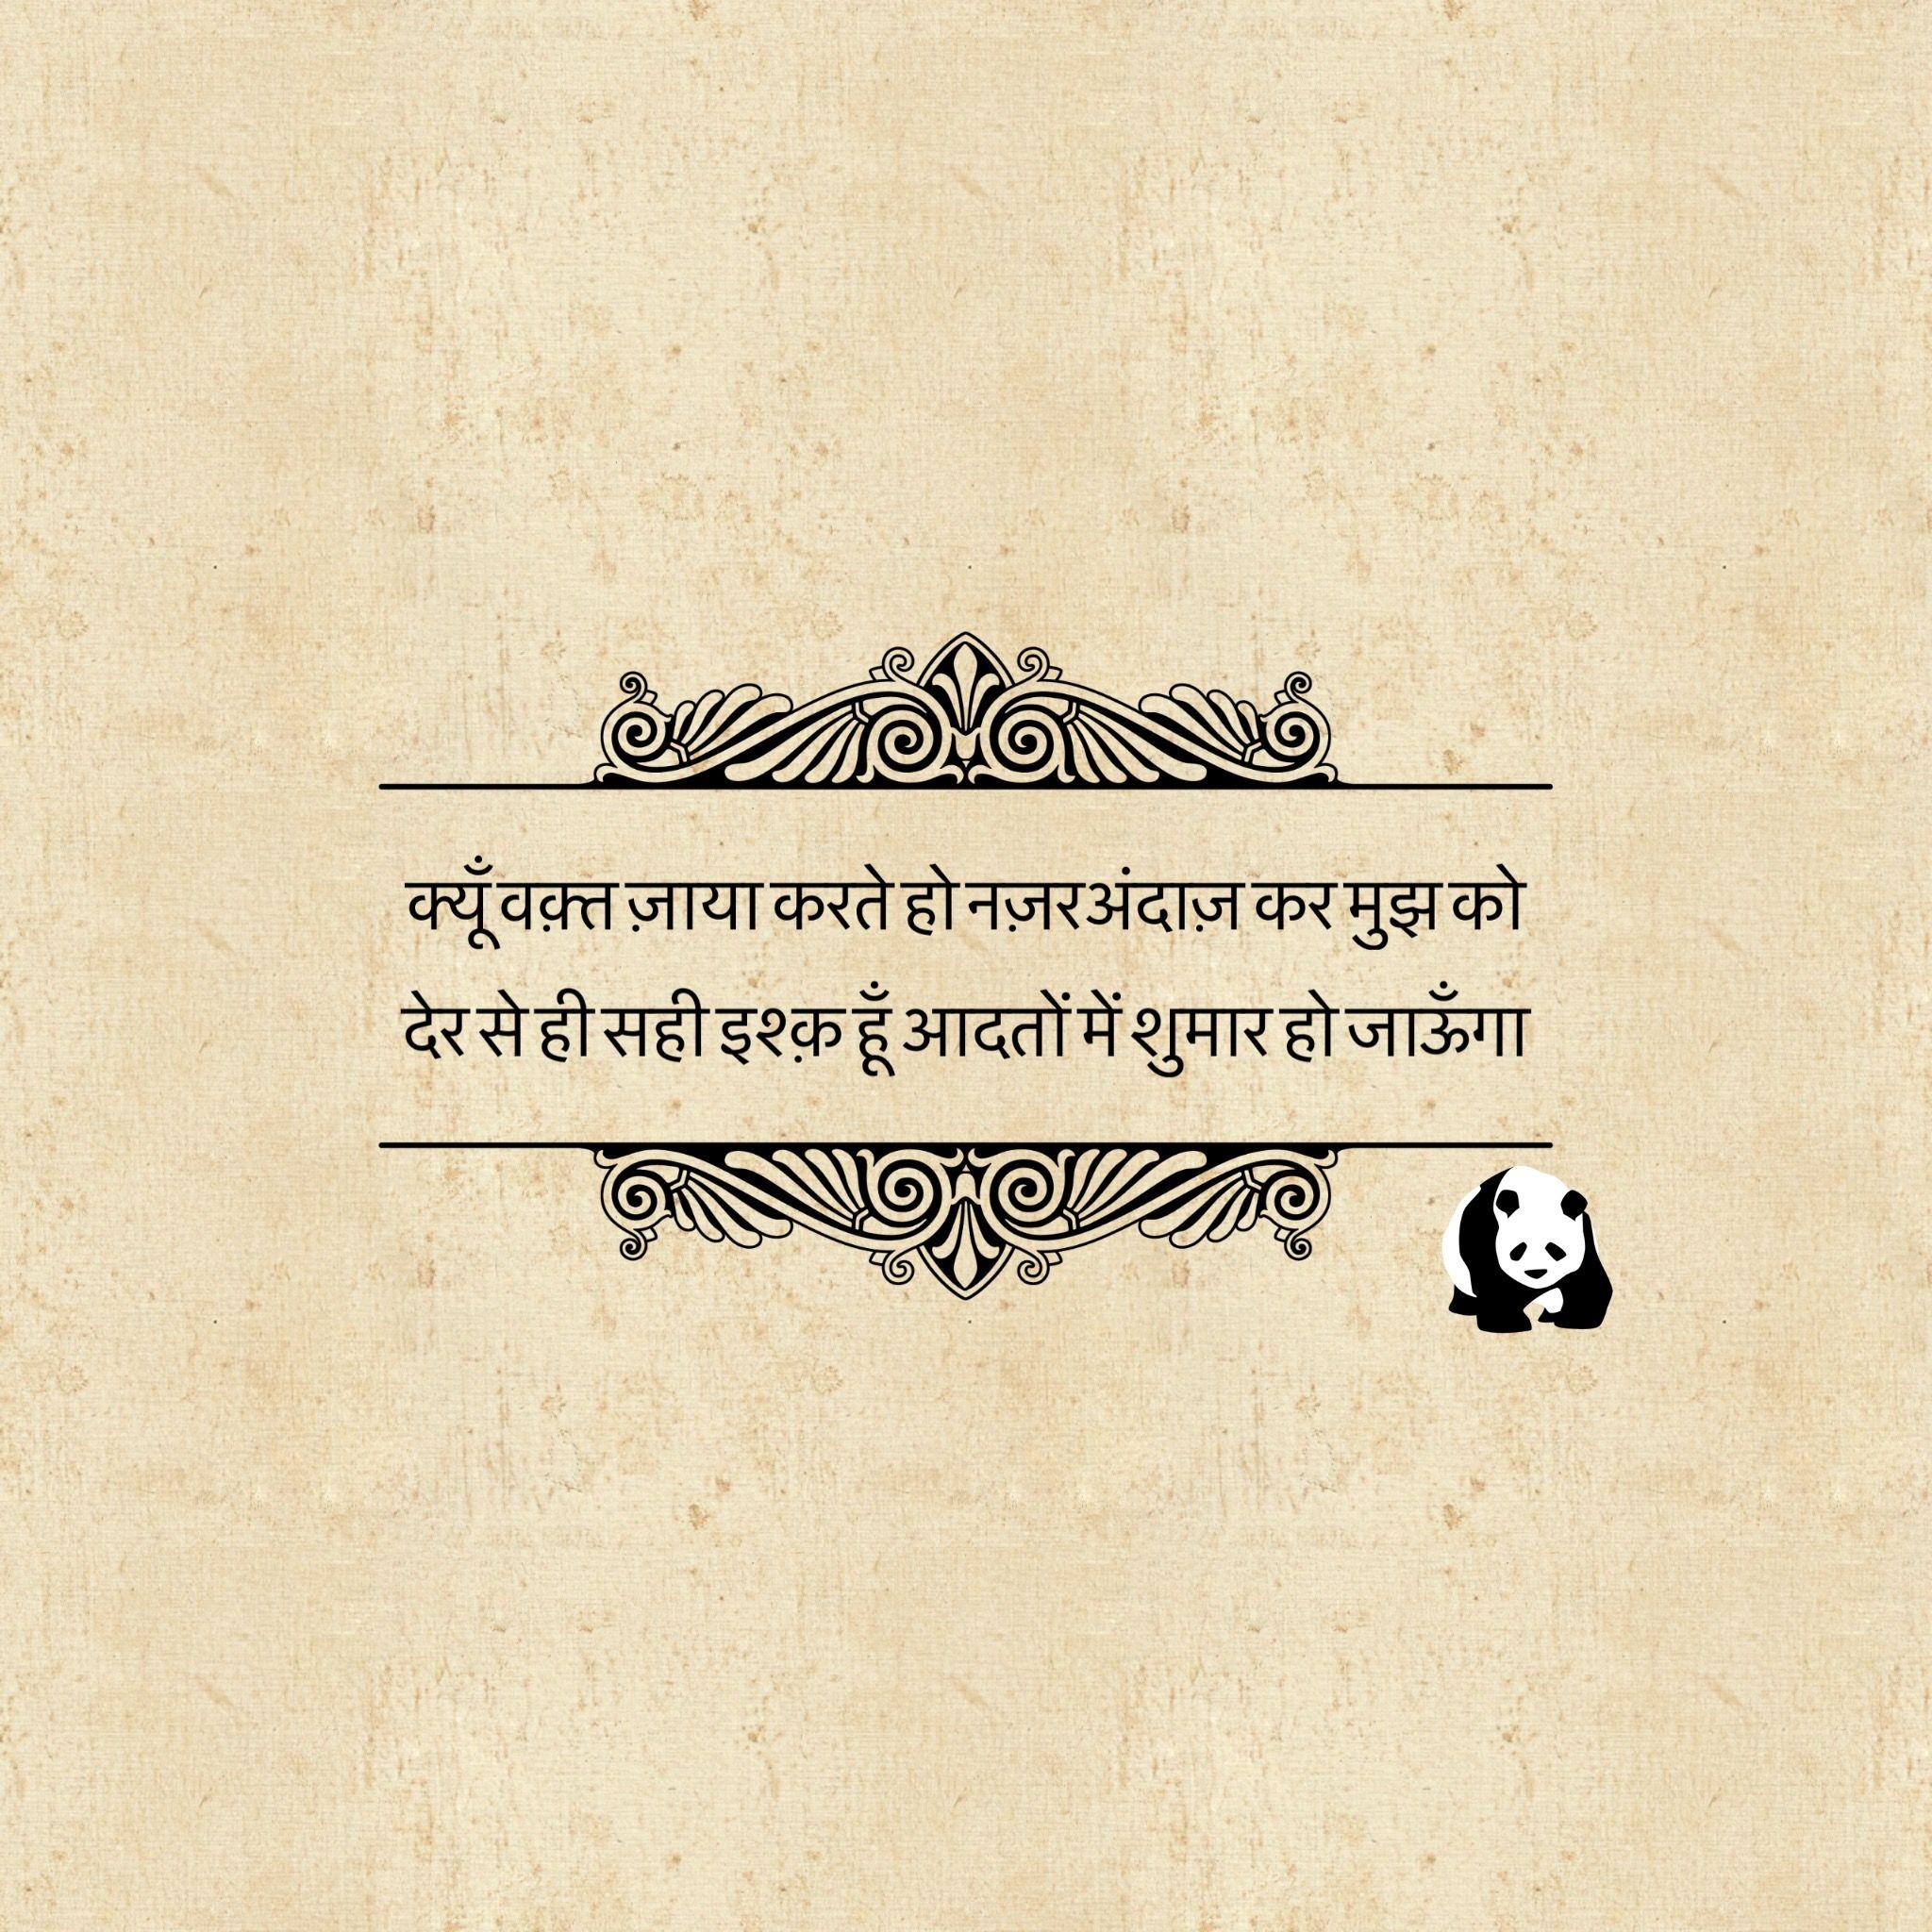 Pin By Shashvet On Shayari  Gulzar Quotes, Urdu Quotes, Poetry Hindi-1973